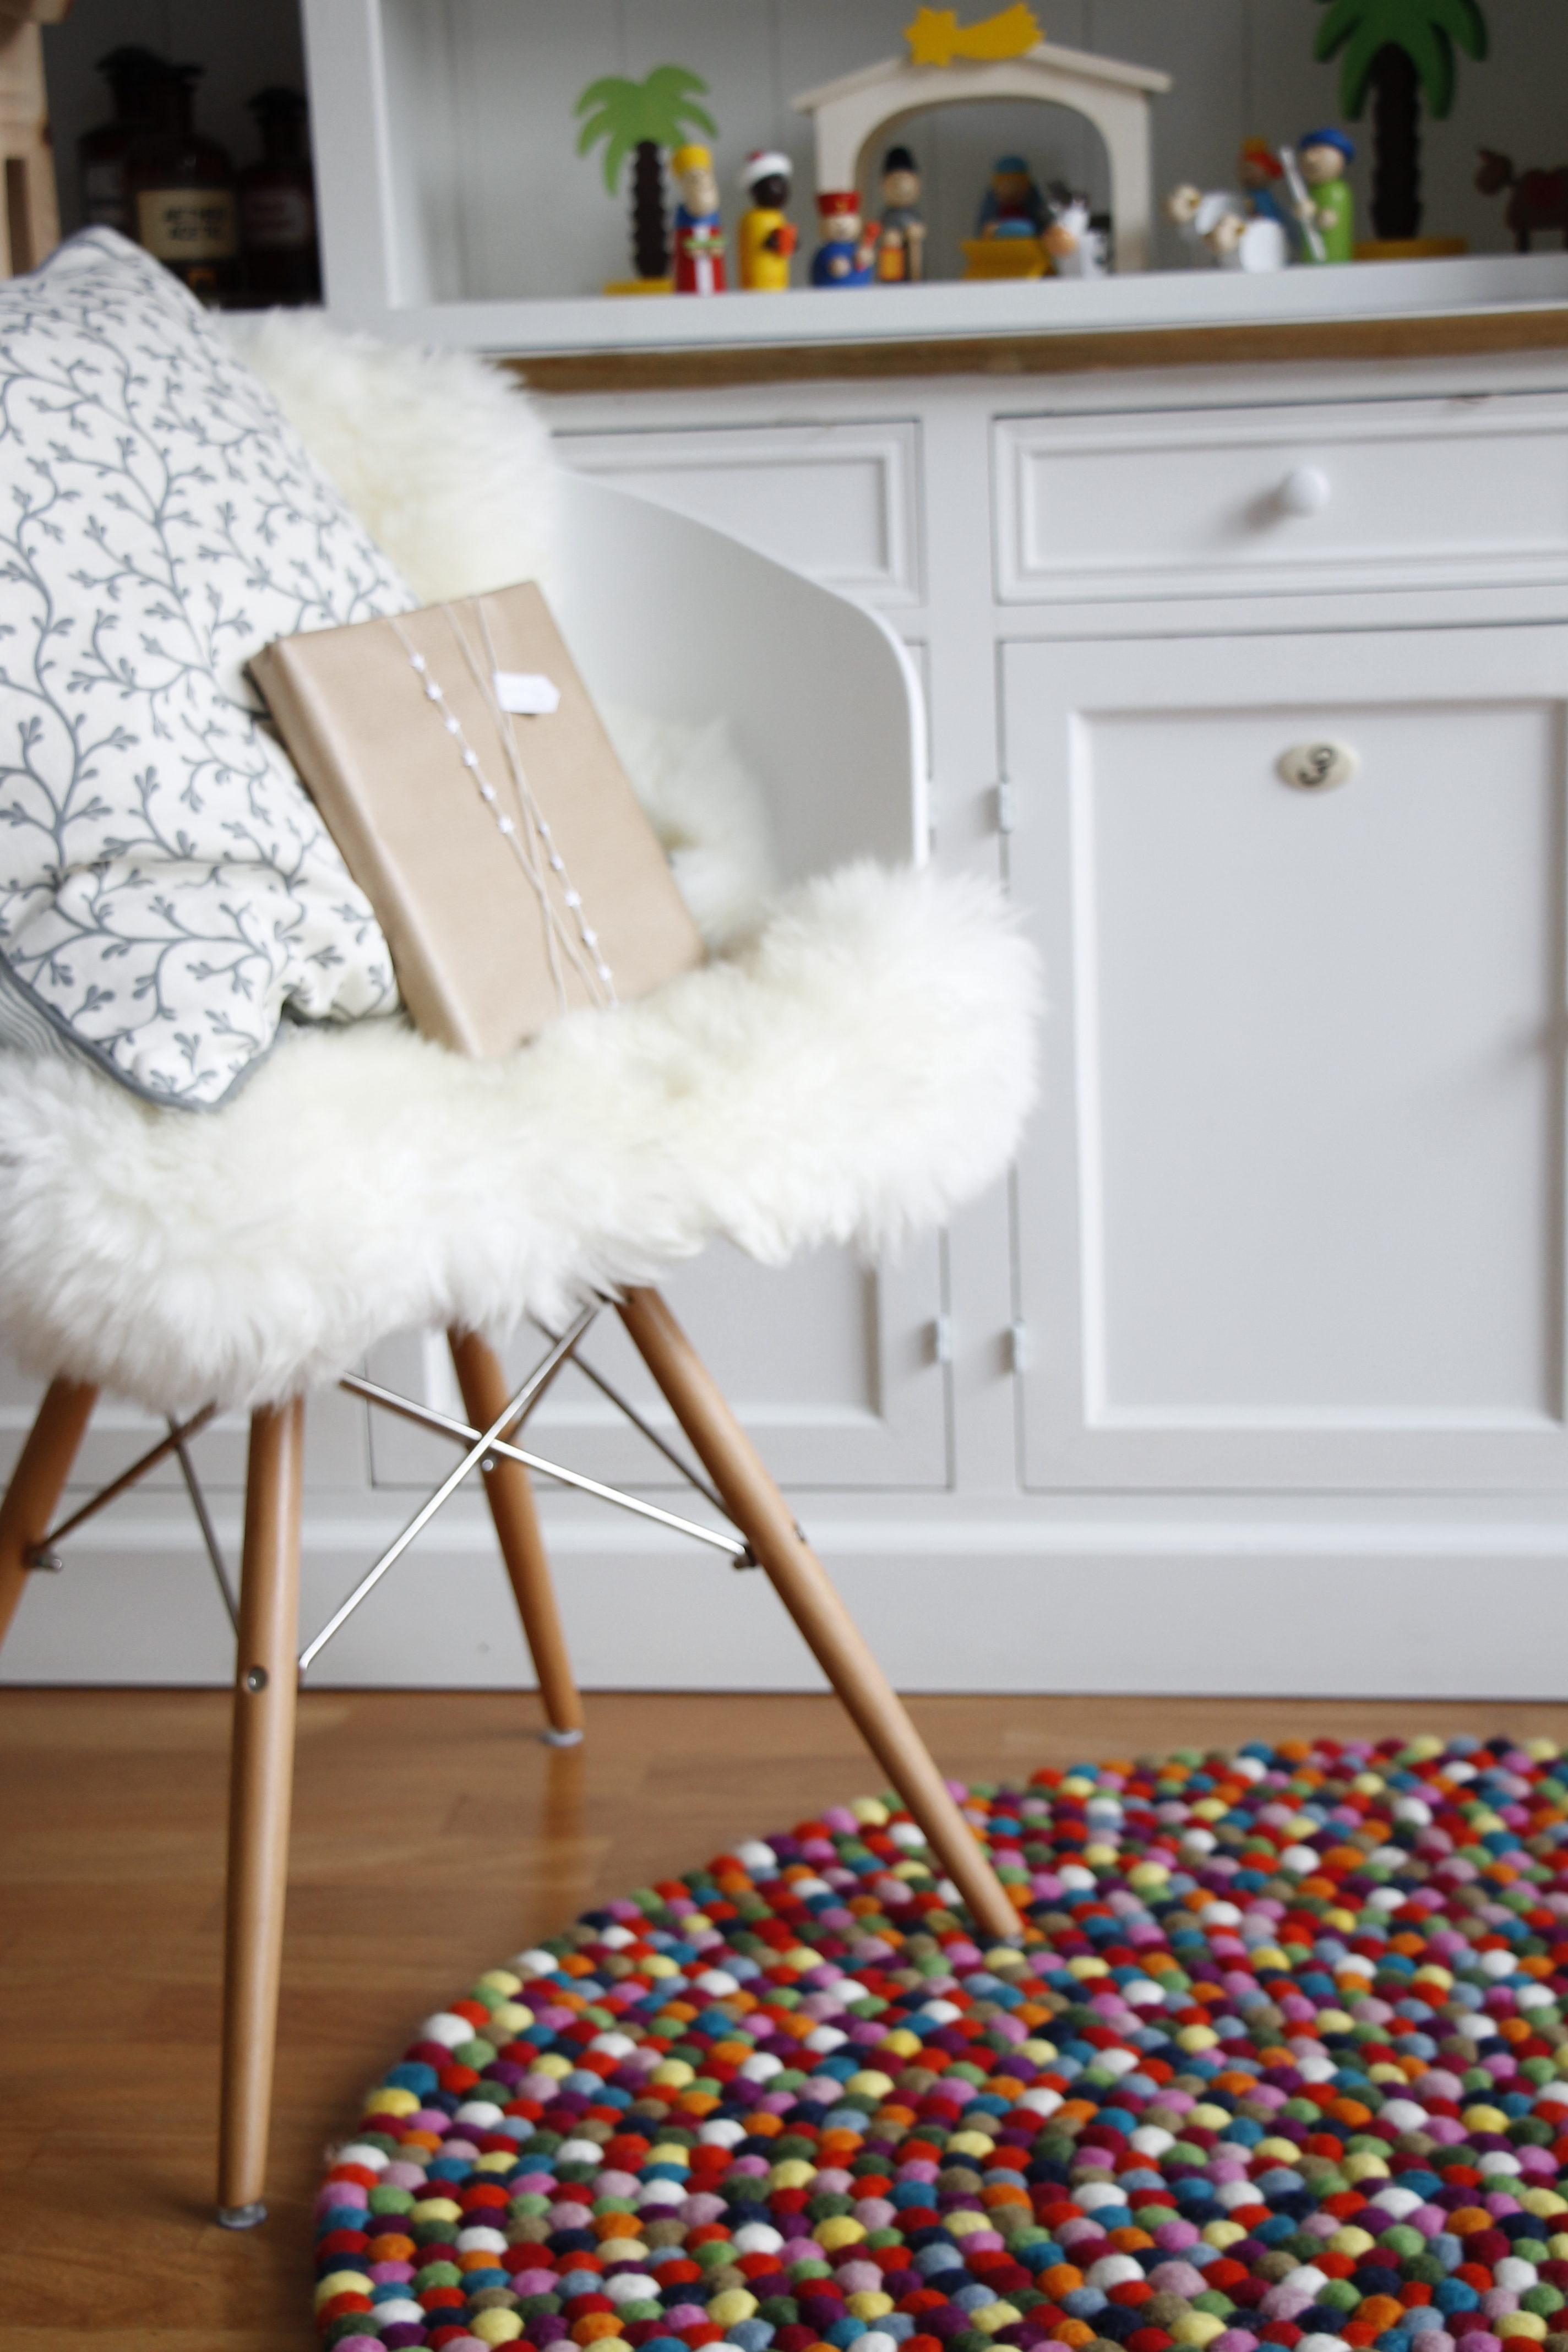 Kreative Ideen zum Verpacken von Weihnachtsgeschenken - Lavendelblog